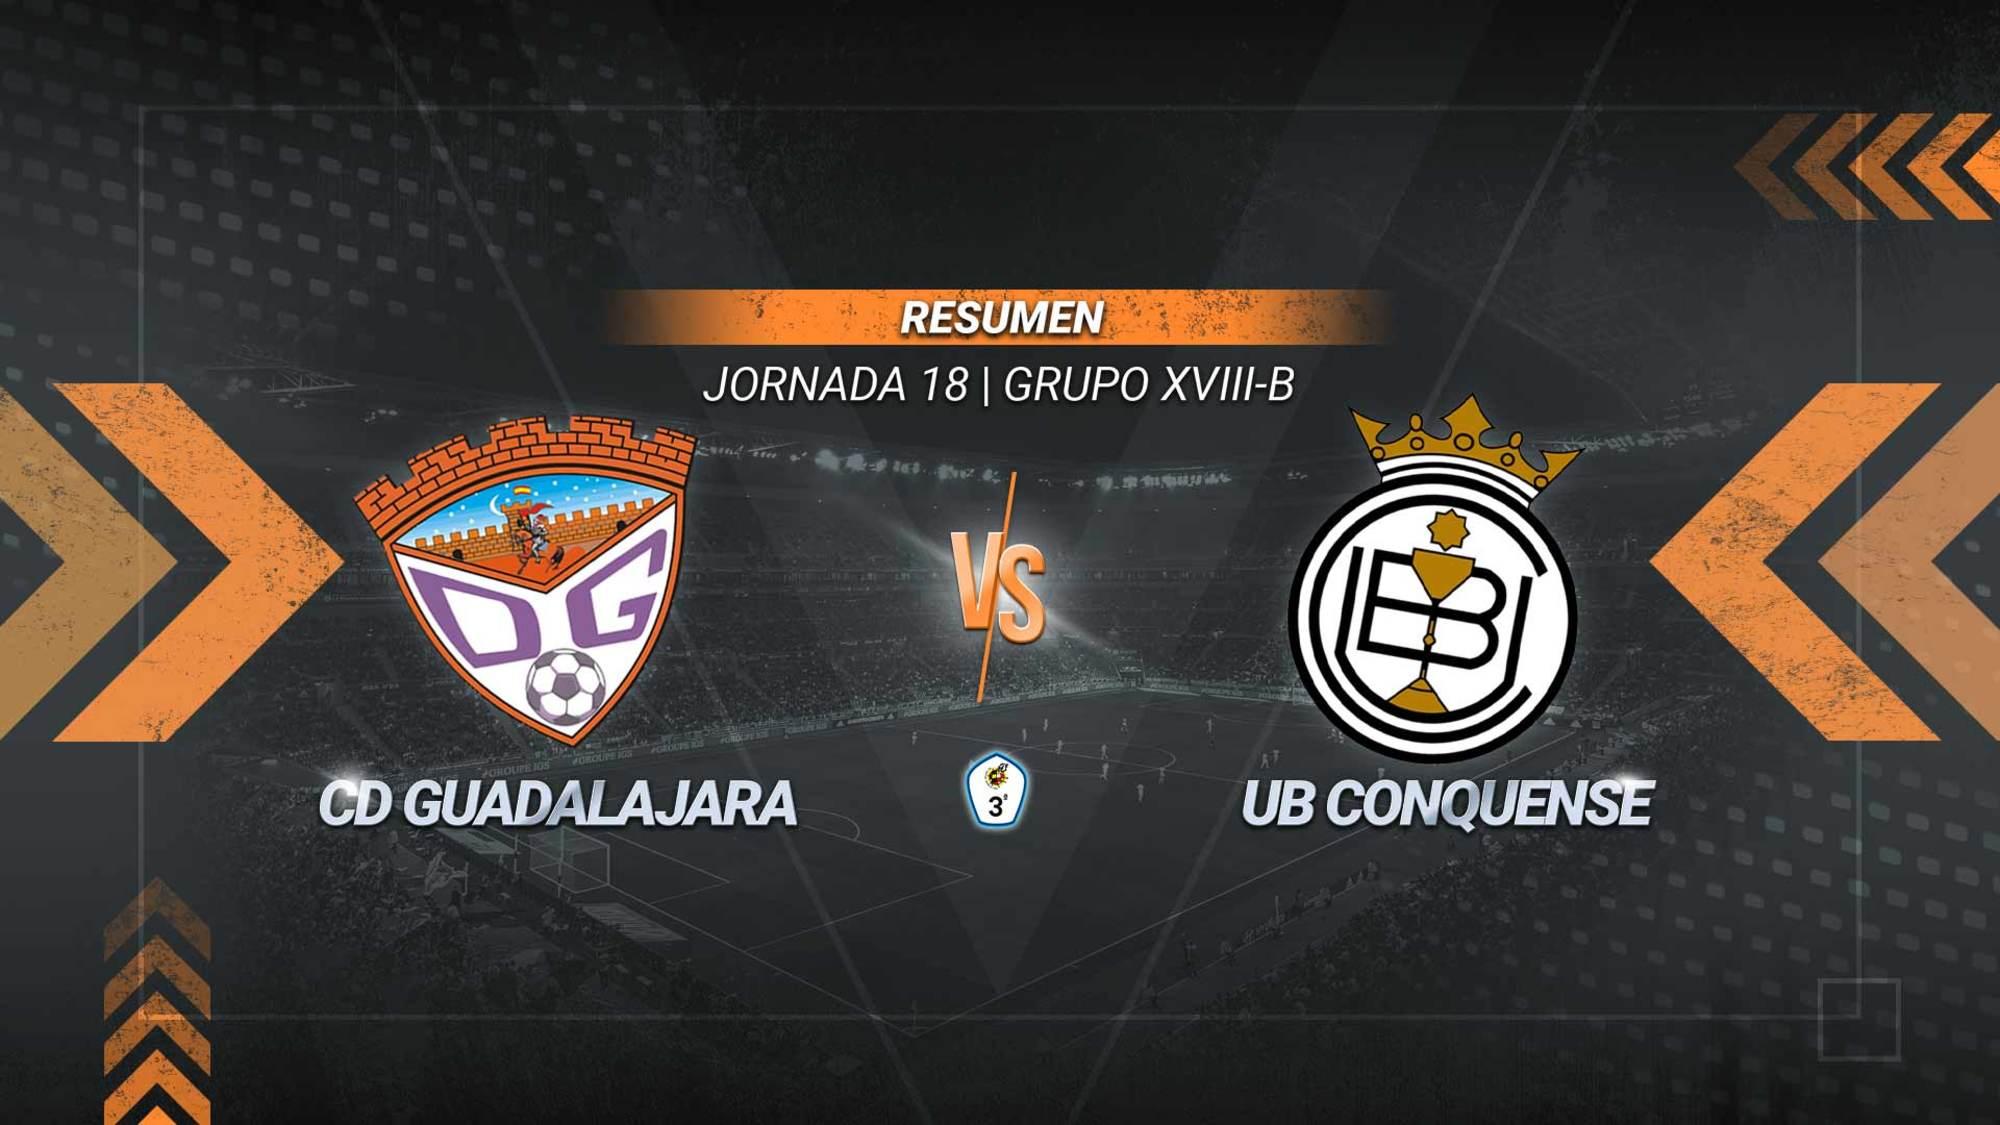 Un gol espectacular de Ablanque al filo del descanso deja los tres puntos en Guadalajara. Los alcarreños ratifican su segunda plaza, mientras el Conquense alarga su mal momento y acumula ya cinco jornadas sin ganar.